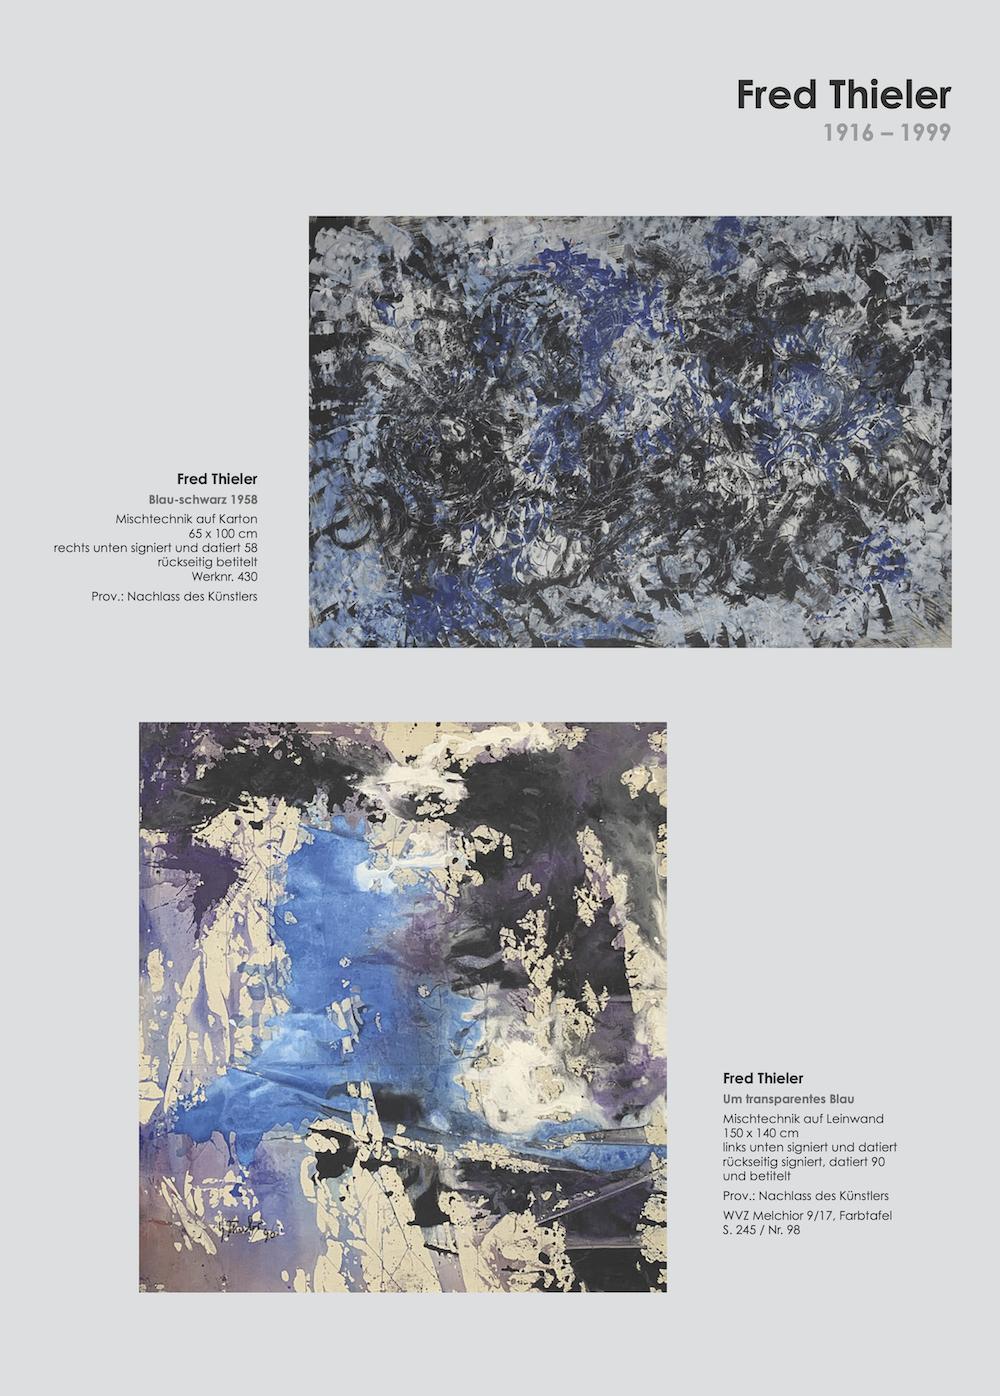 Einladungskarte Ausstellung Cavael Sonderborg Thieler 2020 Galerie Maulberger 04